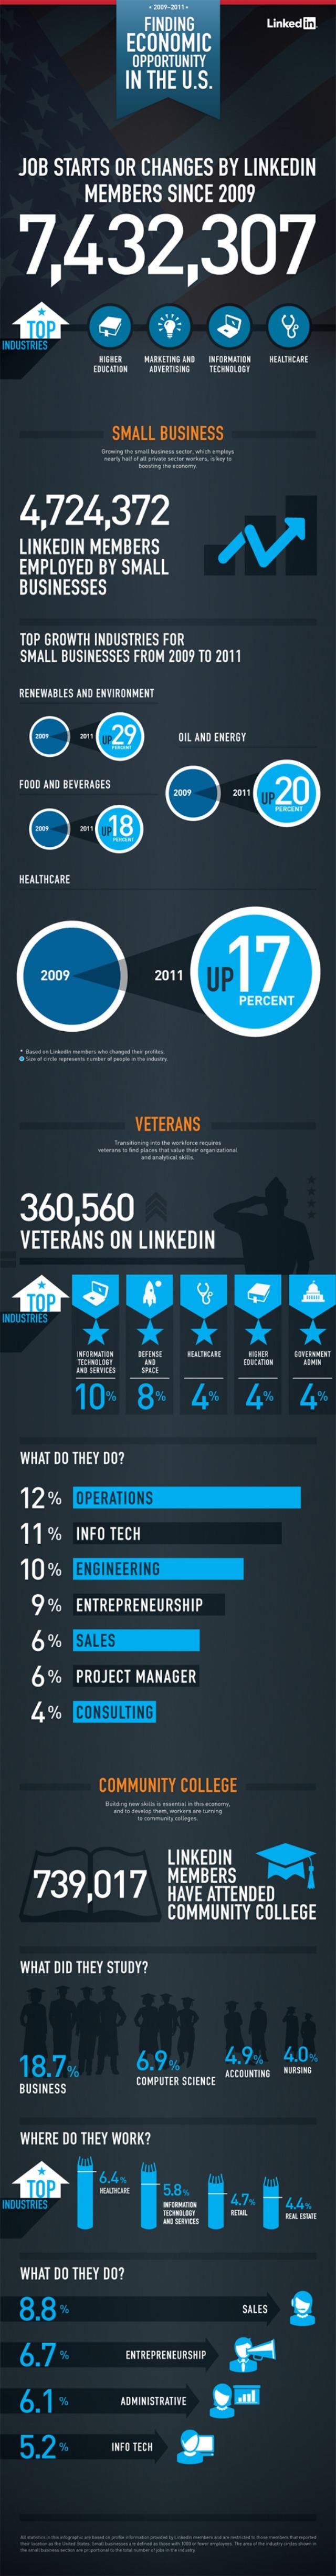 4.7 Milyon LinkedIn Kullanıcısı Küçük İşletmeler Tarafından İstihdam Ediliyor